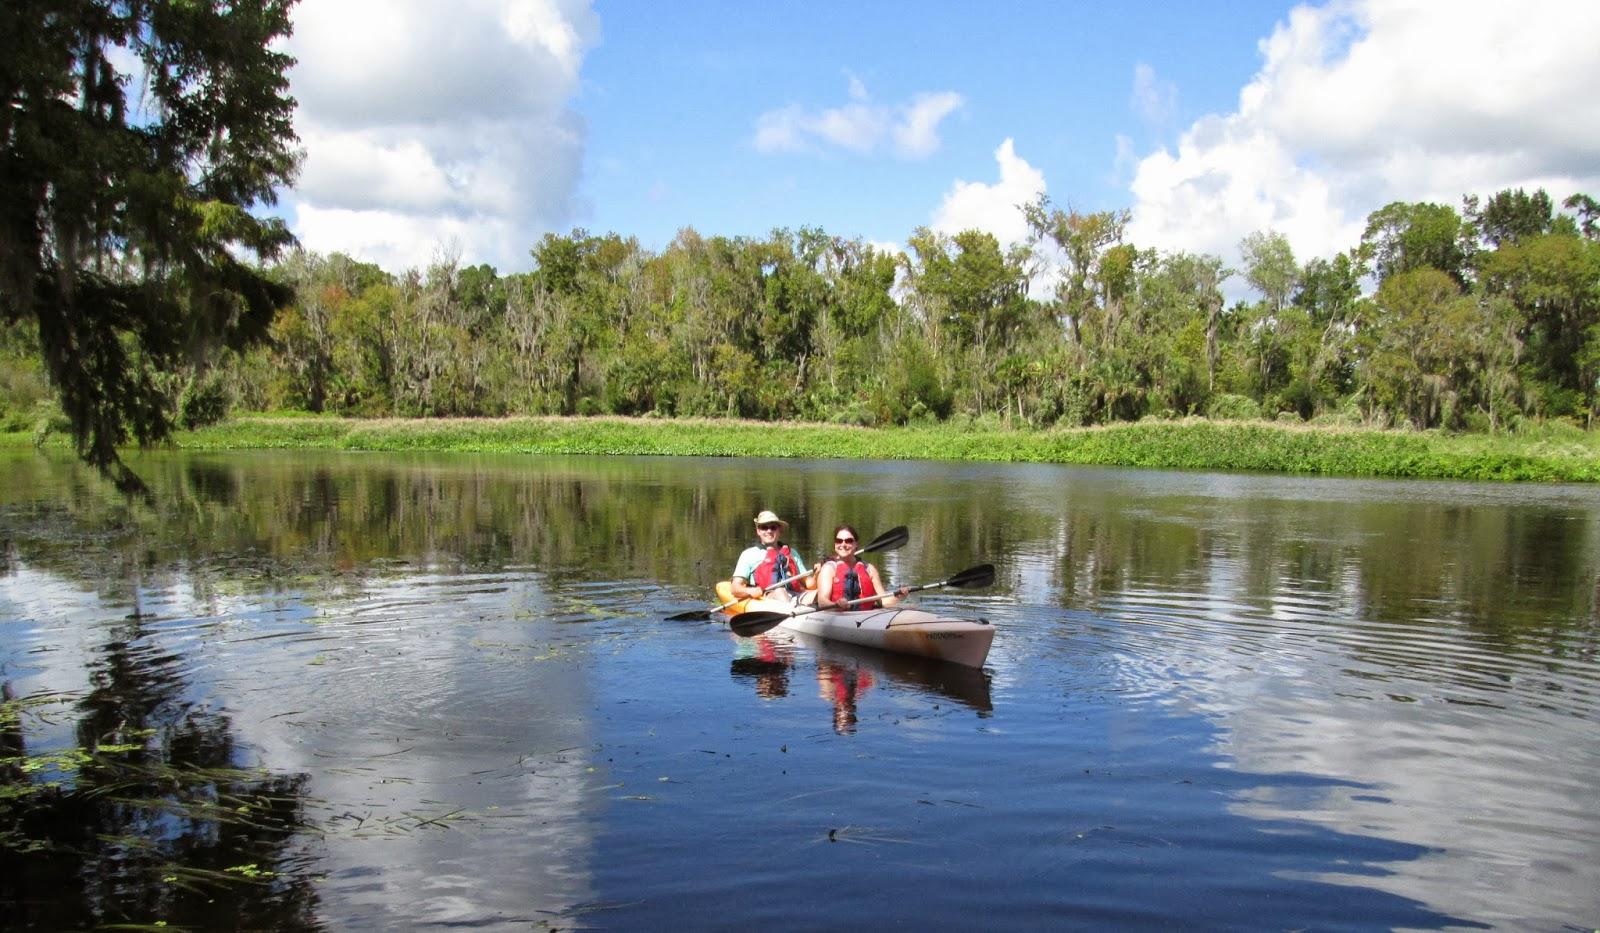 Wekiva River Monkeys Them The Wekiva River